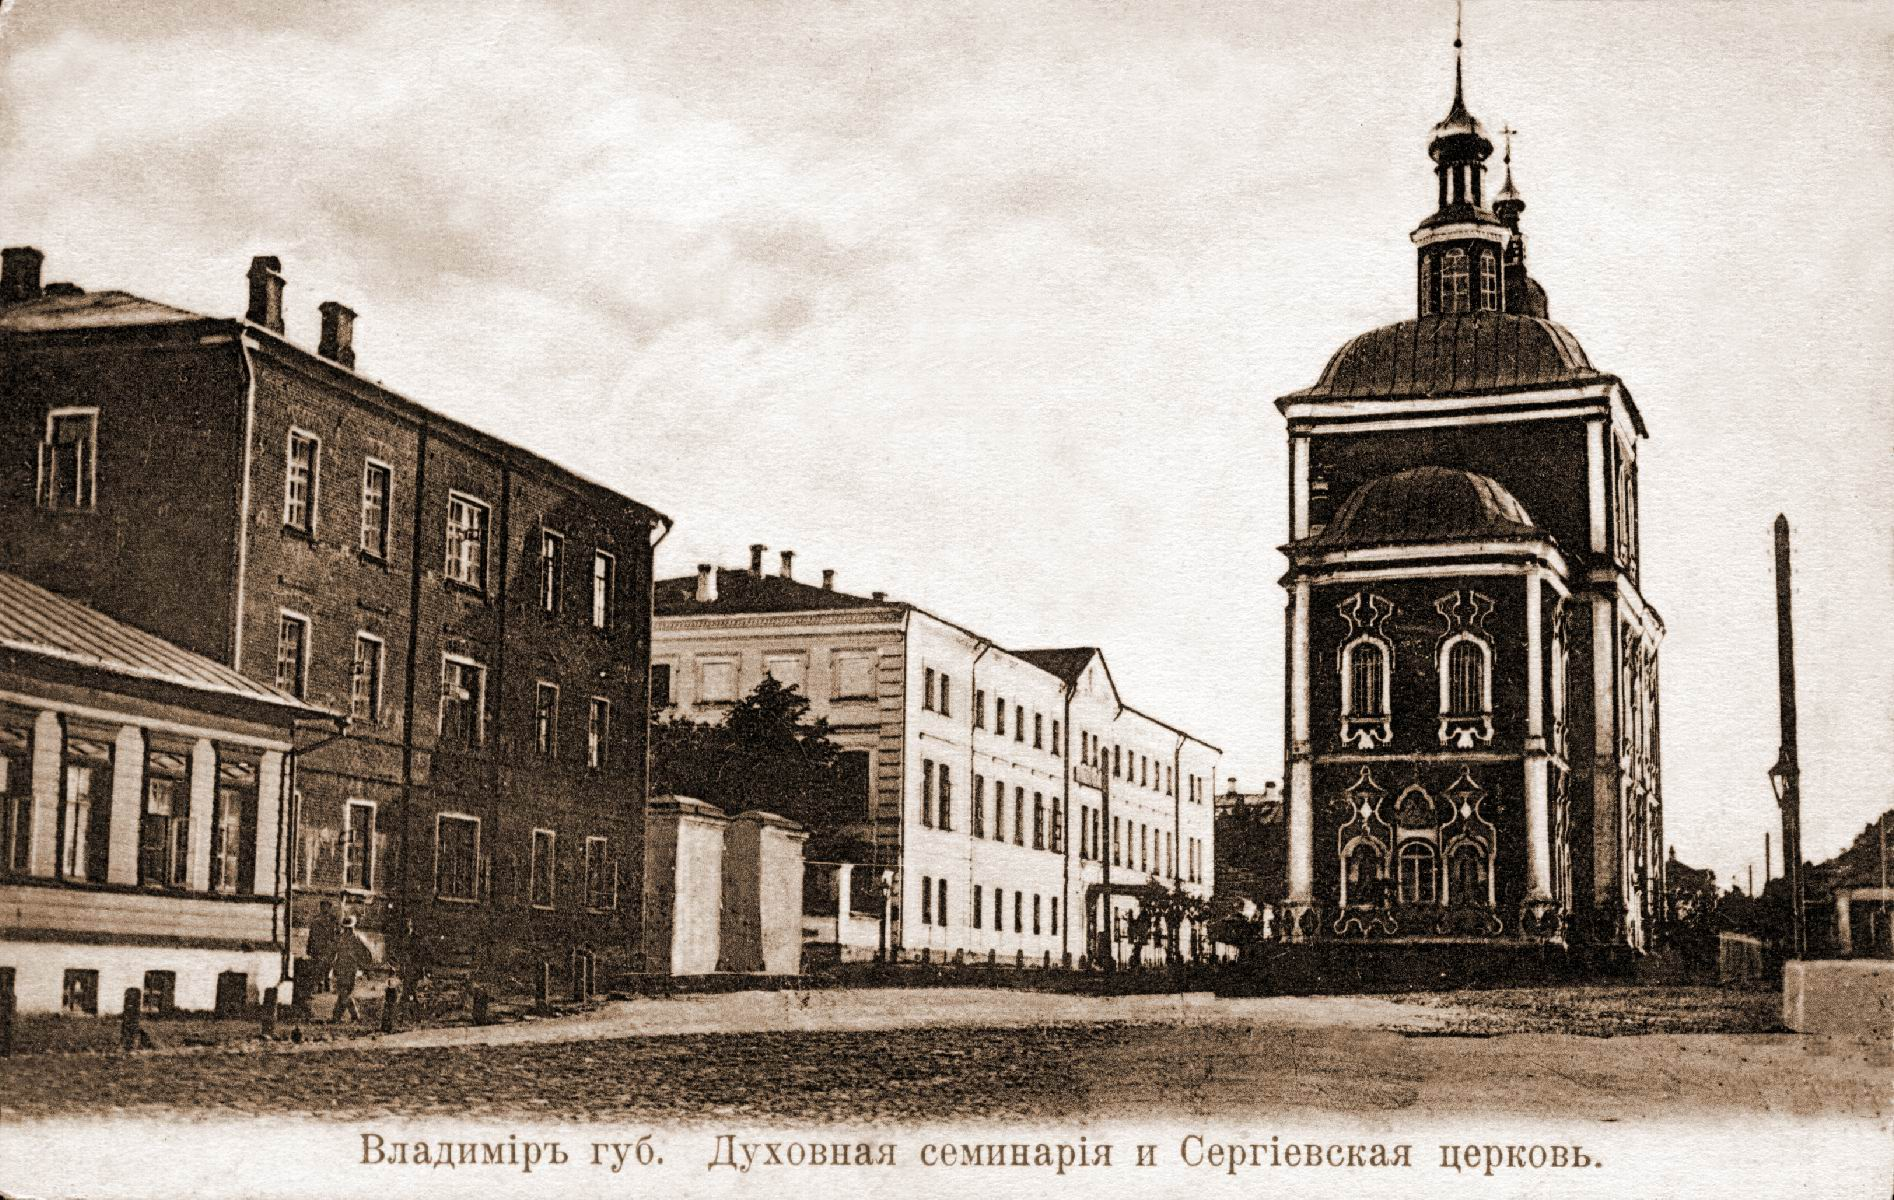 Духовная семинария и Сергиевская церковь